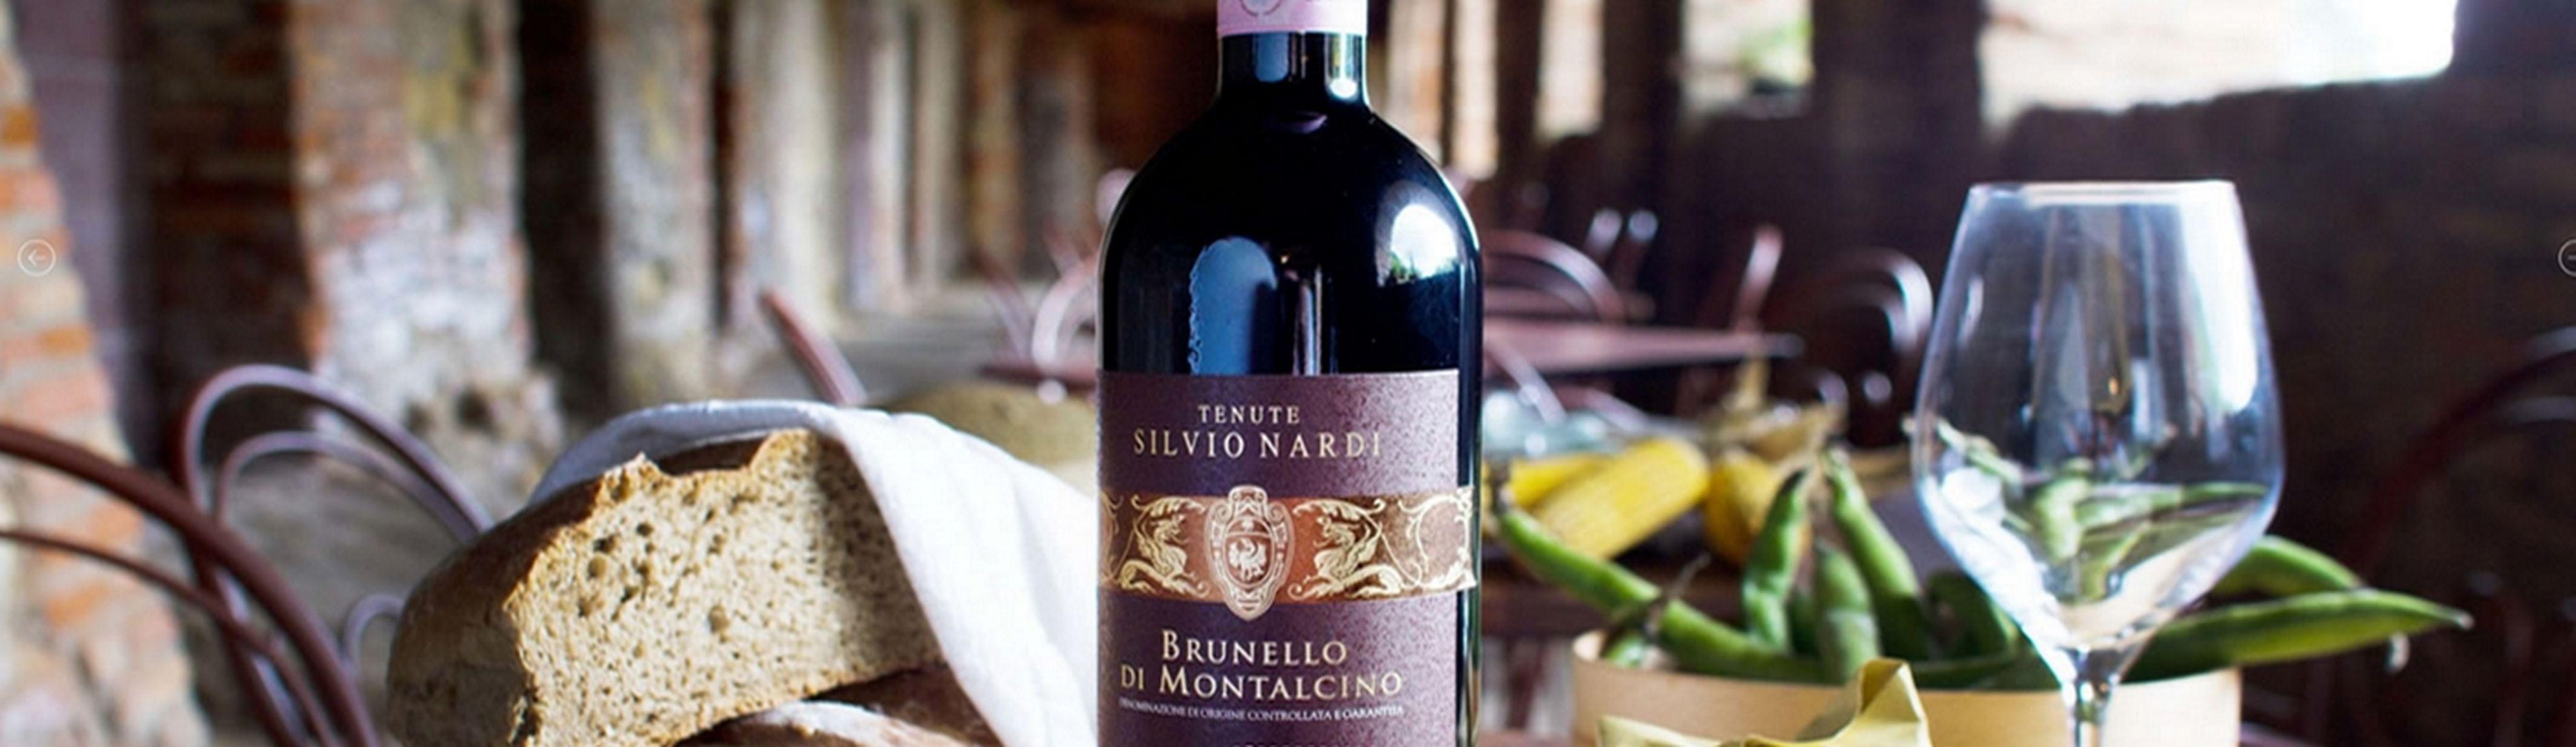 Montalcino wino